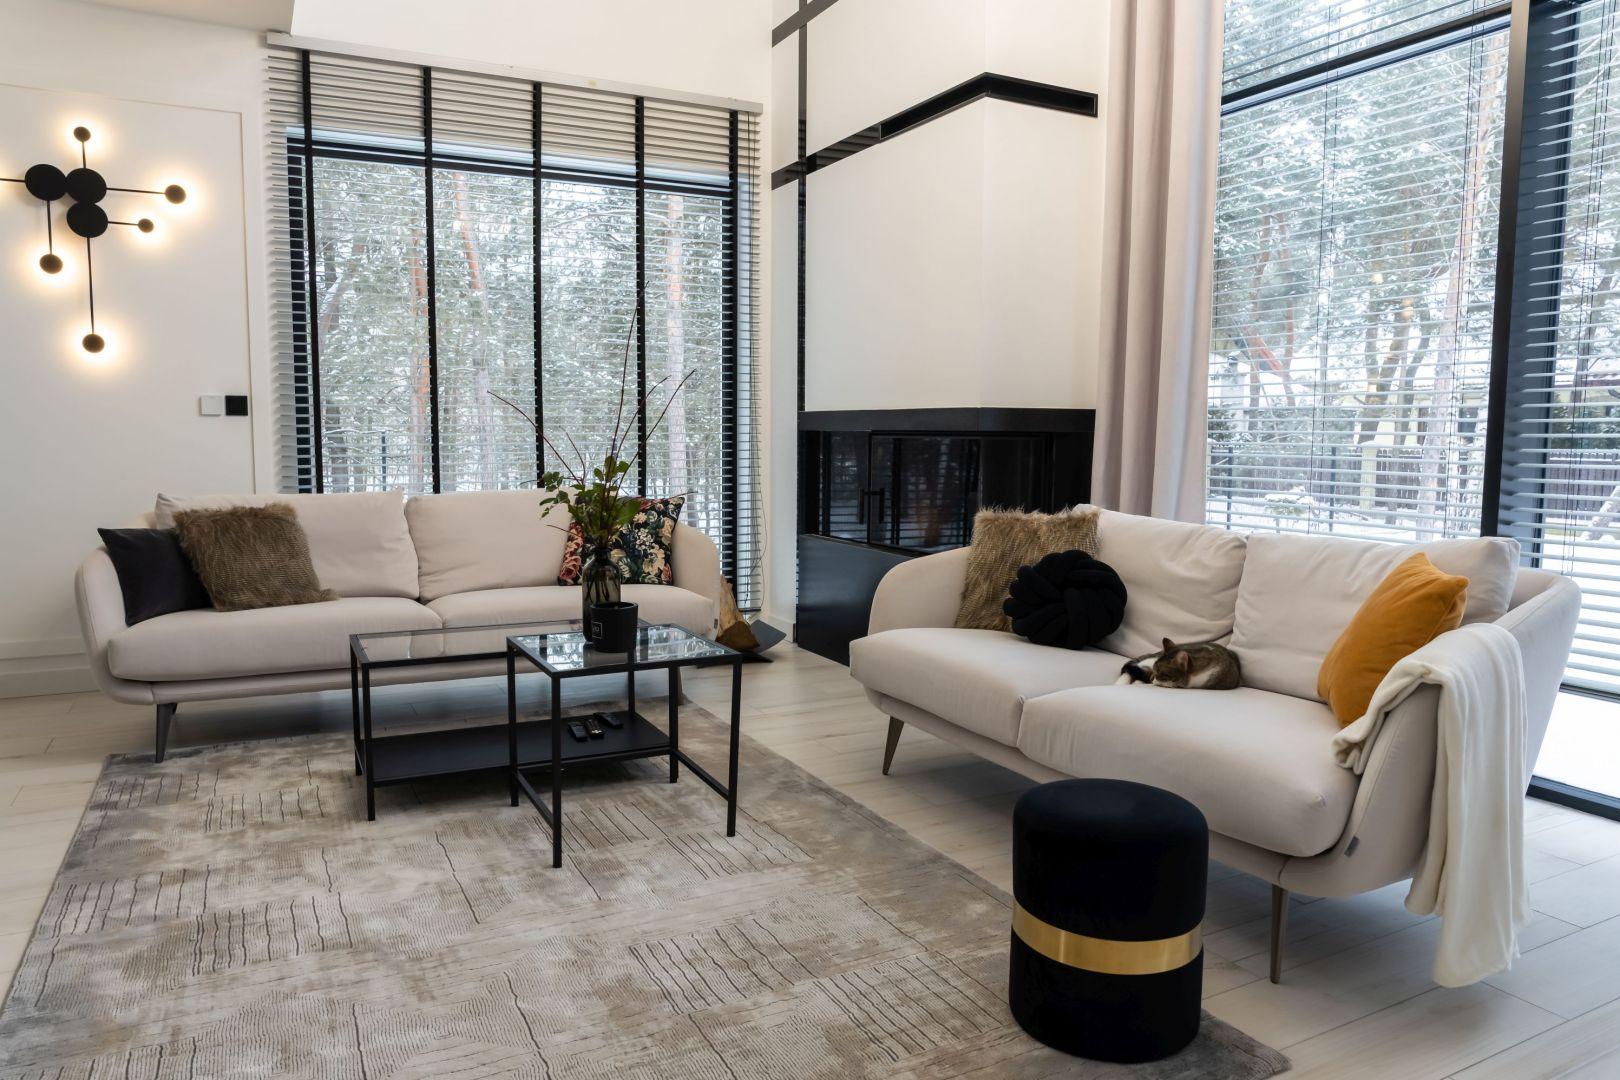 W salonie pięknie prezentują się lekkie sofy MTI Furninova o obłych kształtach, które nie przytłaczają swoją bryłą. Ich wielkim atutem jest niezbyt duży ciężar i mobilność. Projekt: Donata Gadalska, DG Studio. Fot. Jacek Fabiszewski